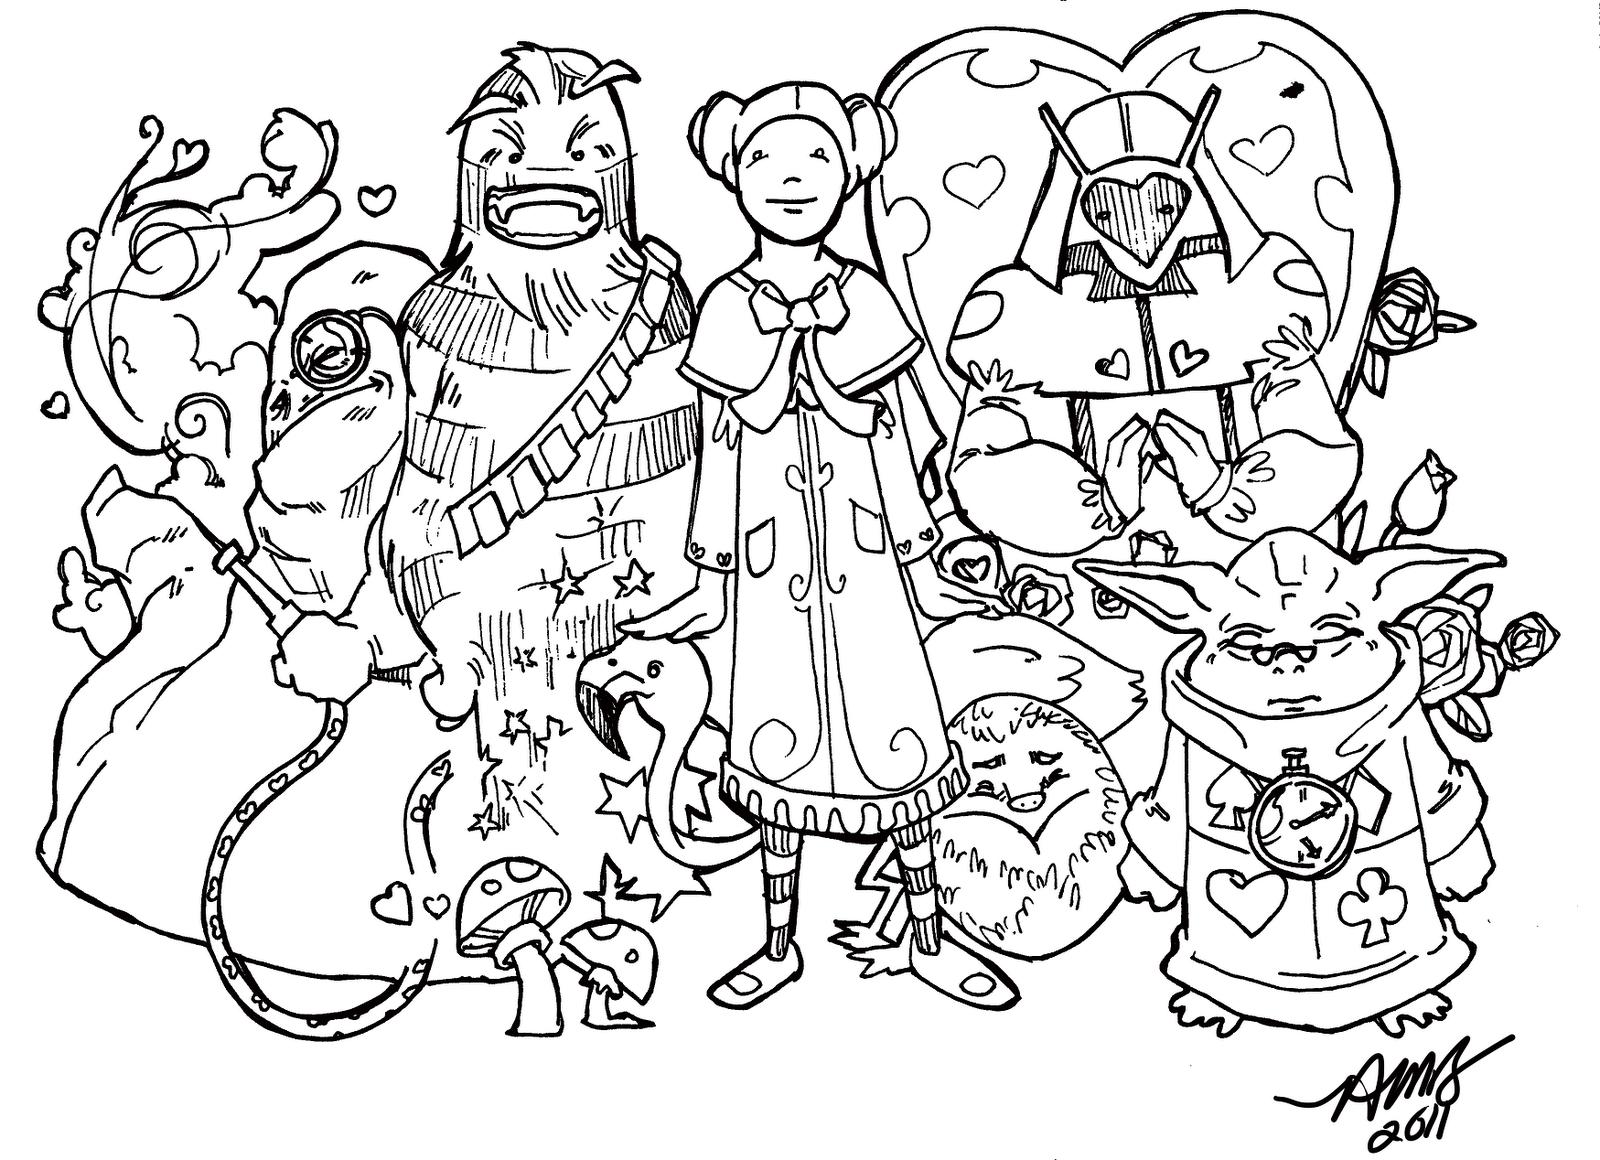 Drawn alice in wonderland star wars #2